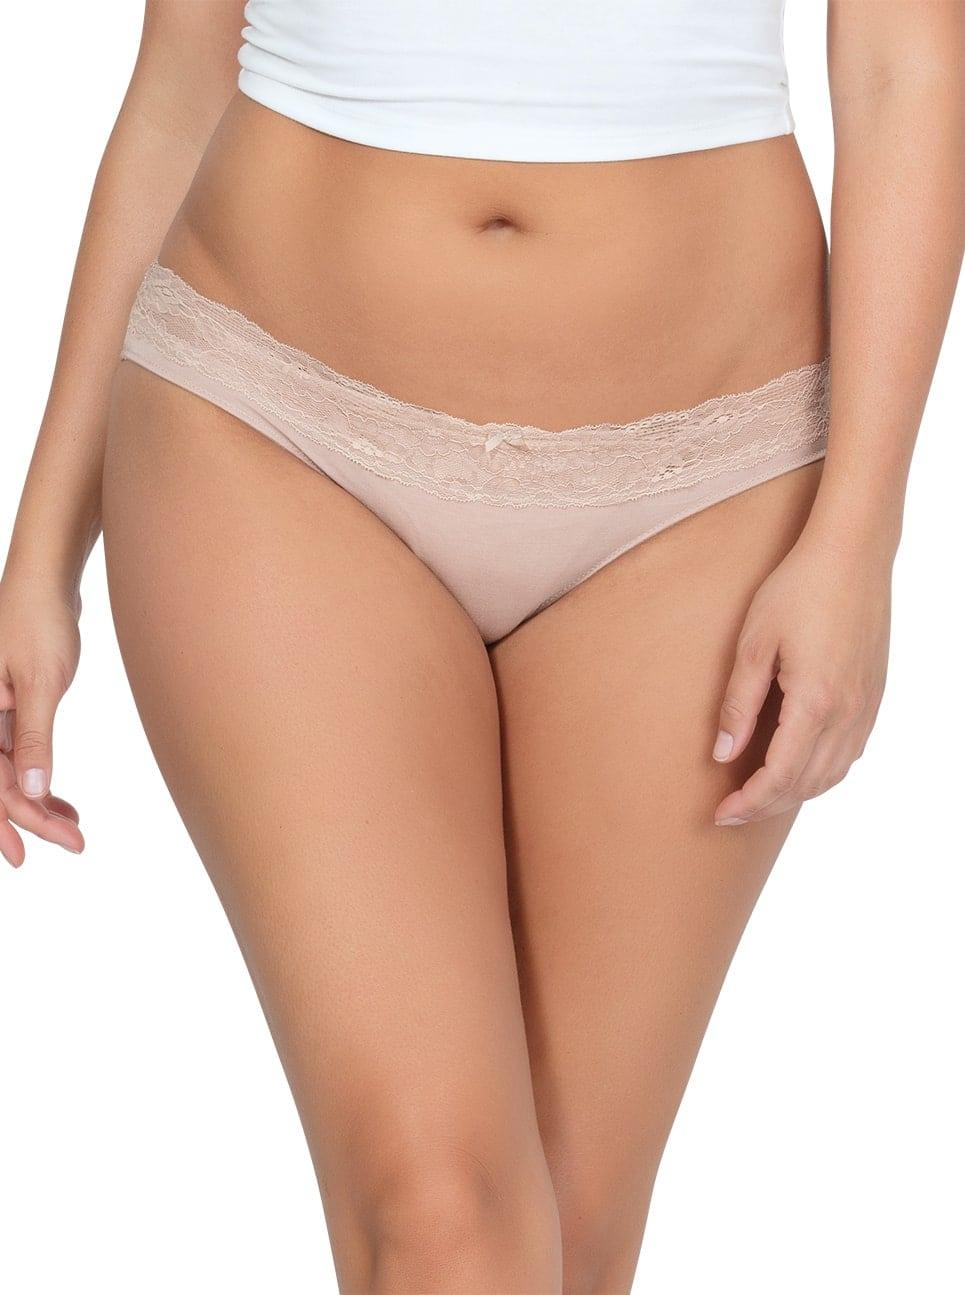 PARFAIT ParfaitPanty SoEssential BikiniPP303 Bare Front2 1 - Parfait Panty So Essential Bikini- Bare - PP303